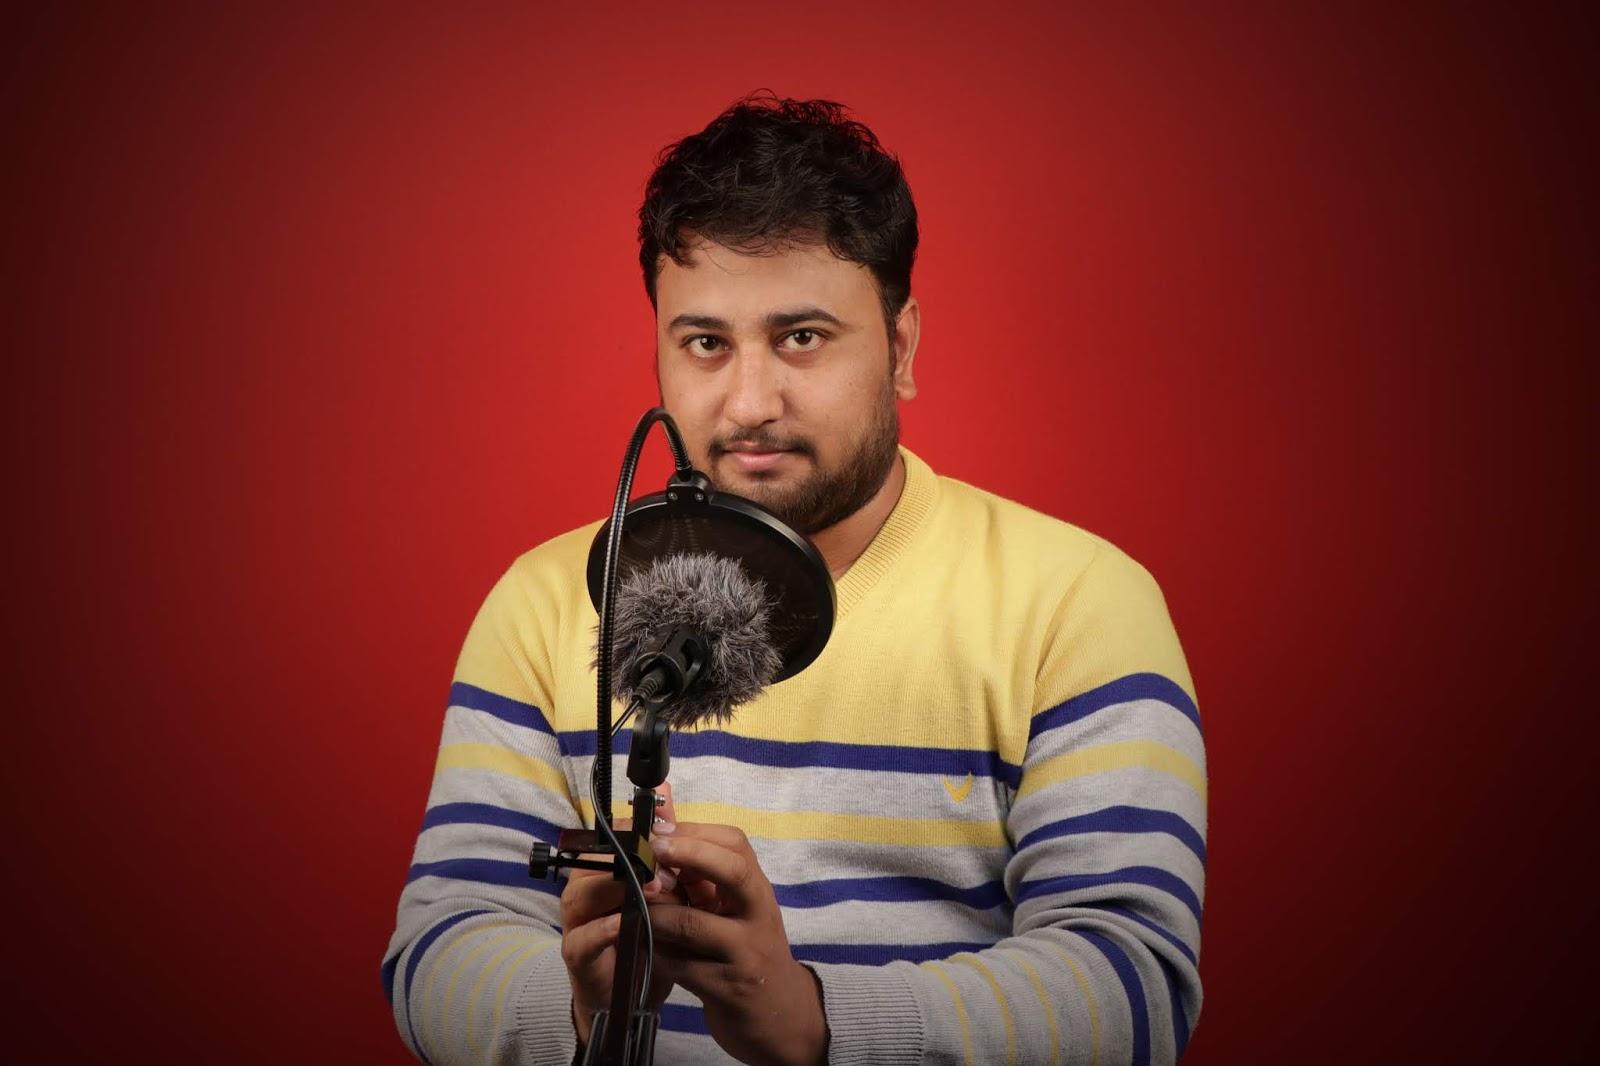 """ಬಯಸಿದ್ದೆಲ್ಲವನ್ನು ಪಡೆದುಕೊಳ್ಳುವುದಕ್ಕೆ ಗೋಲ್ಡನ ಫಾರ್ಮುಲಾ : """"ನಾನು""""ಗೆ ಕೇಳಿ -  Ask Yourself - Kannada Motivational Article"""